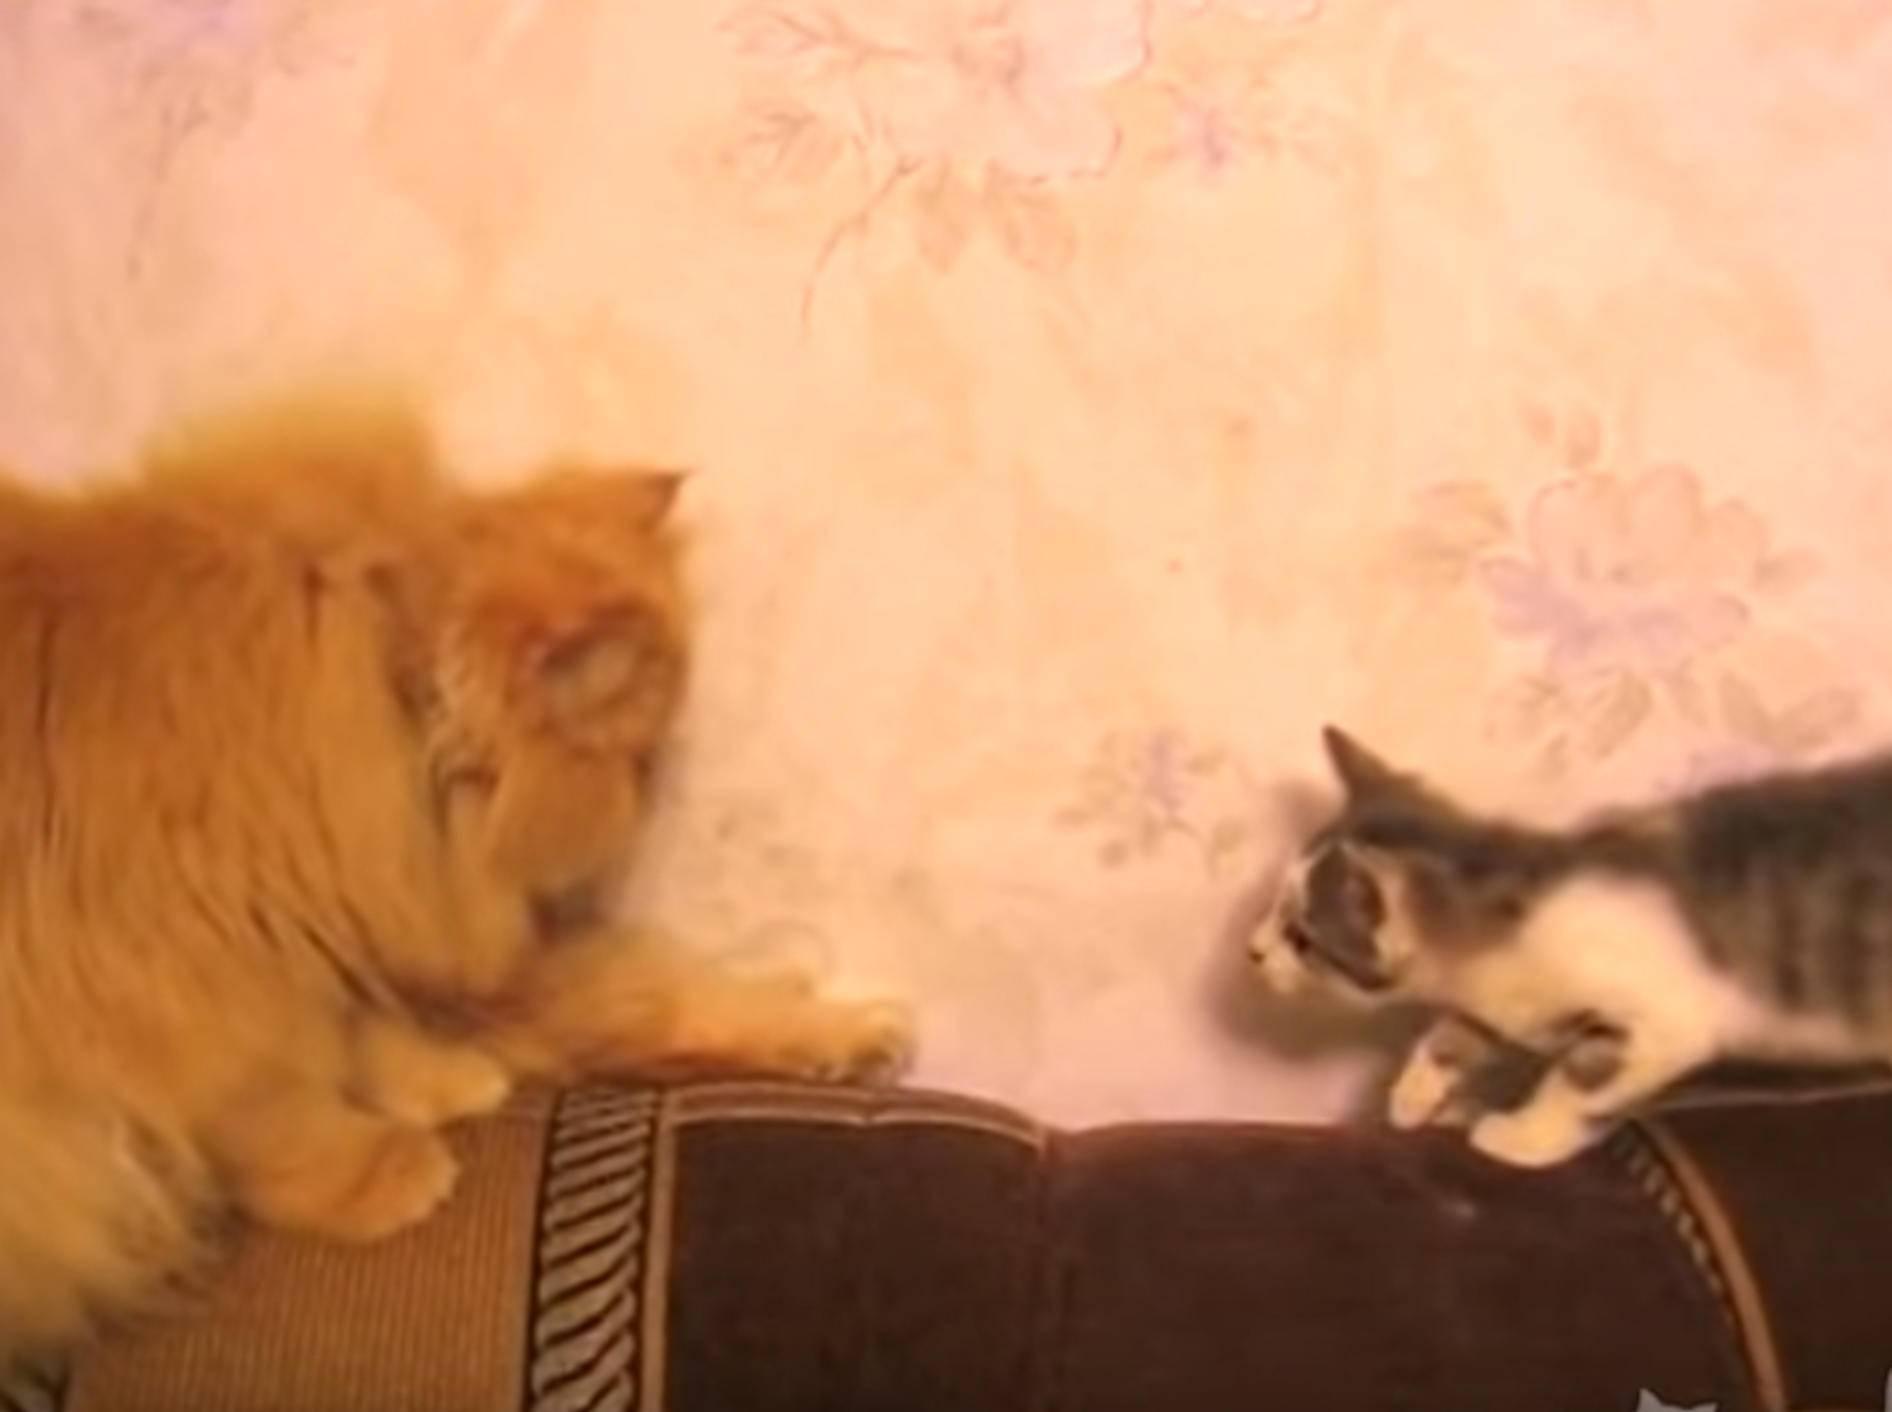 Kätzchen will mit großem Kumpel spielen und bekommt eins auf die Zwölf - YouTube / ignoramusky